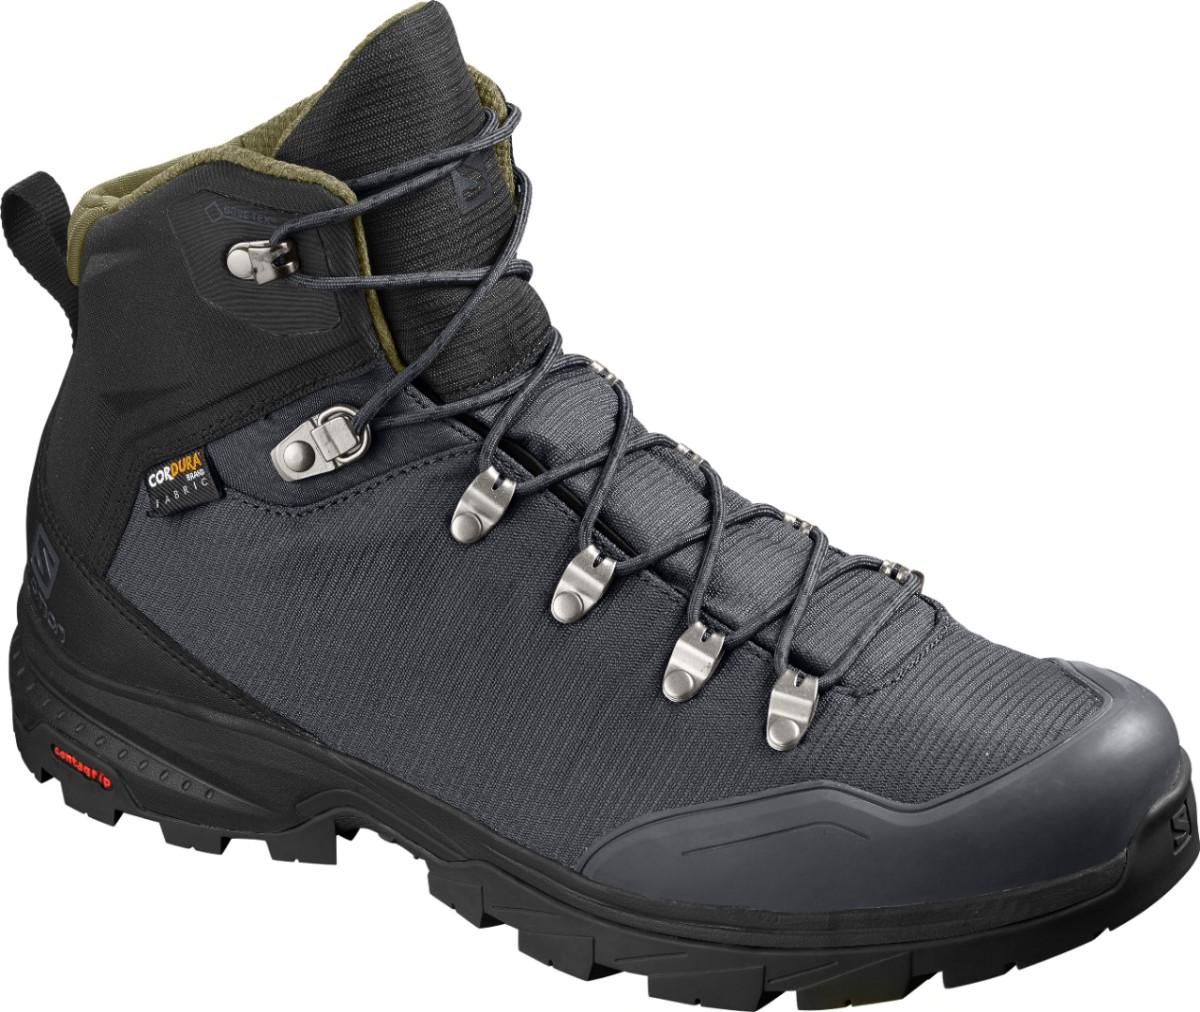 Salomon Outback 500 GTX - Chaussures randonnée homme